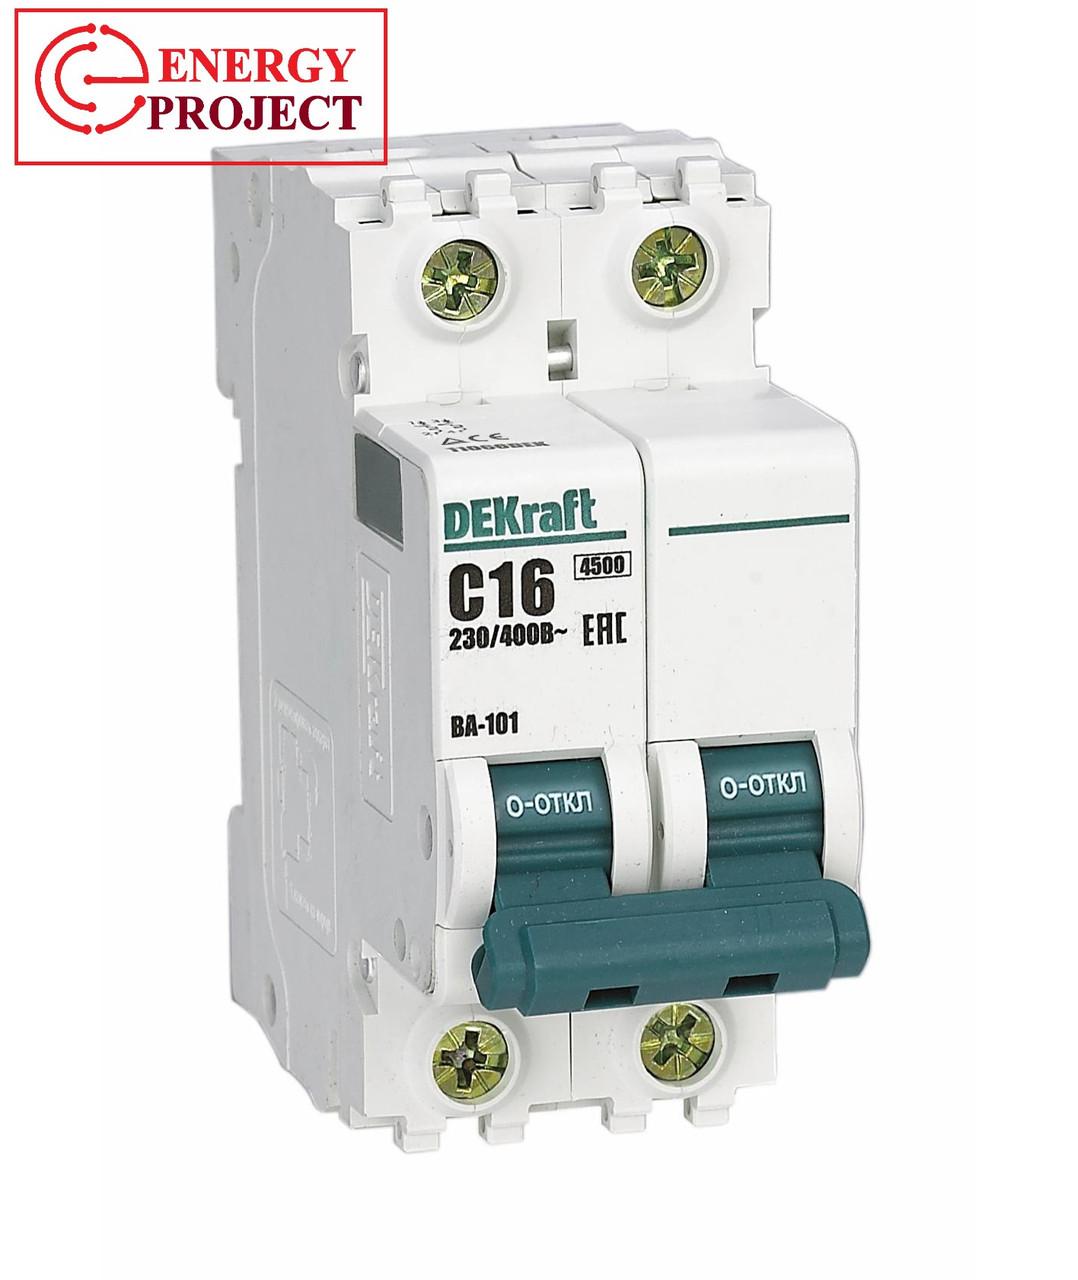 Автоматический выключатель ВА 101 1П 20А(114) Dekraft